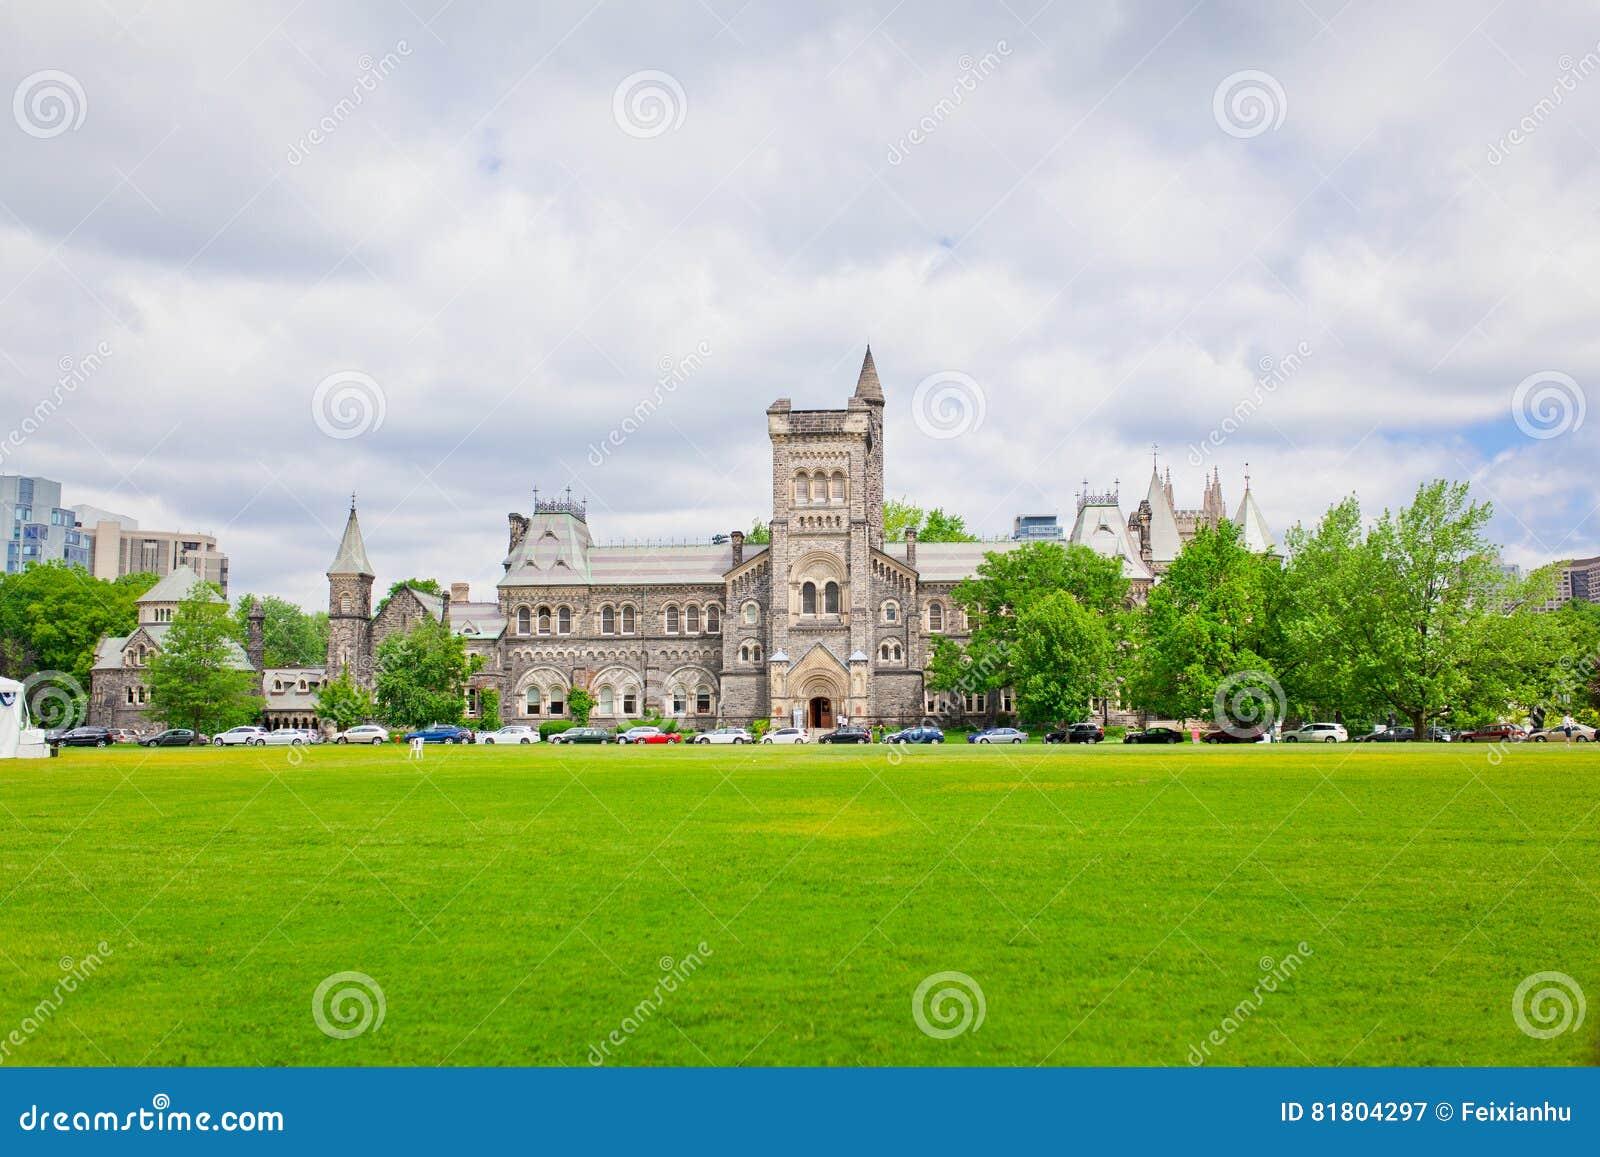 Зала университета с зеленой лужайкой в фронте